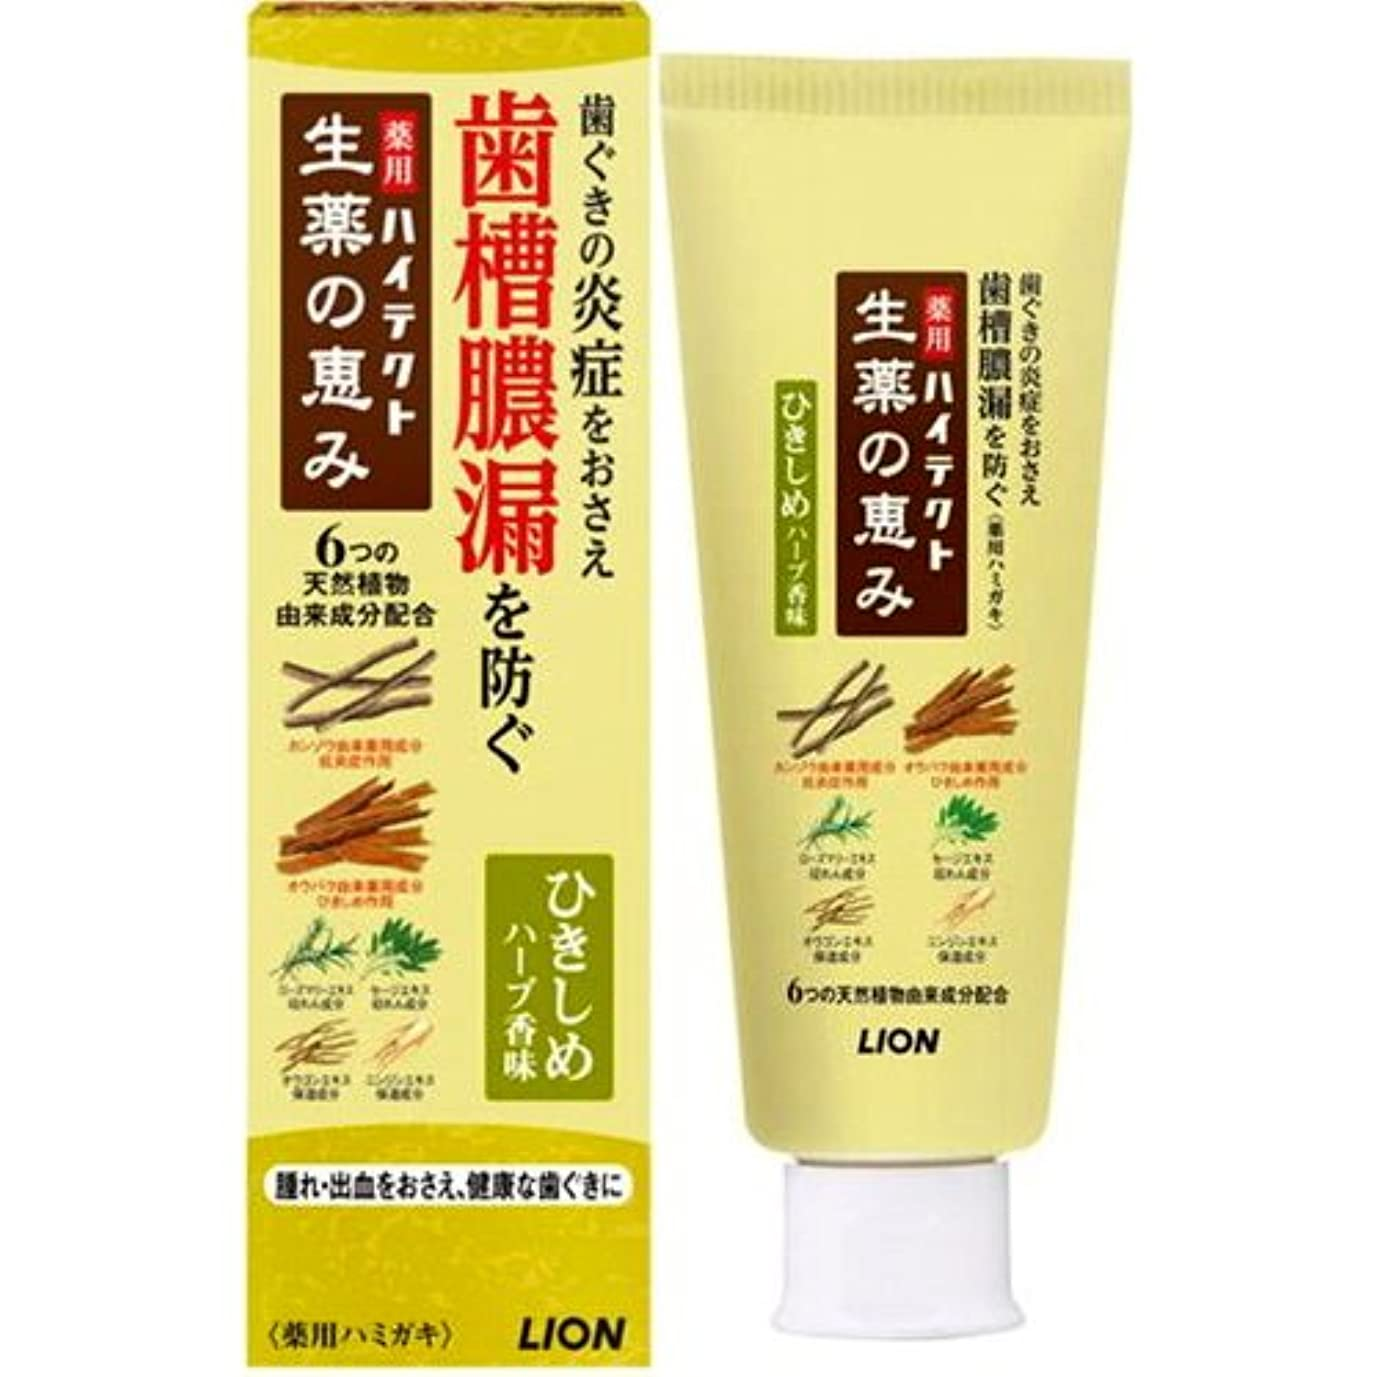 予約サイレントブート【ライオン】ハイテクト 生薬の恵み ひきしめハーブ香味 90g ×3個セット